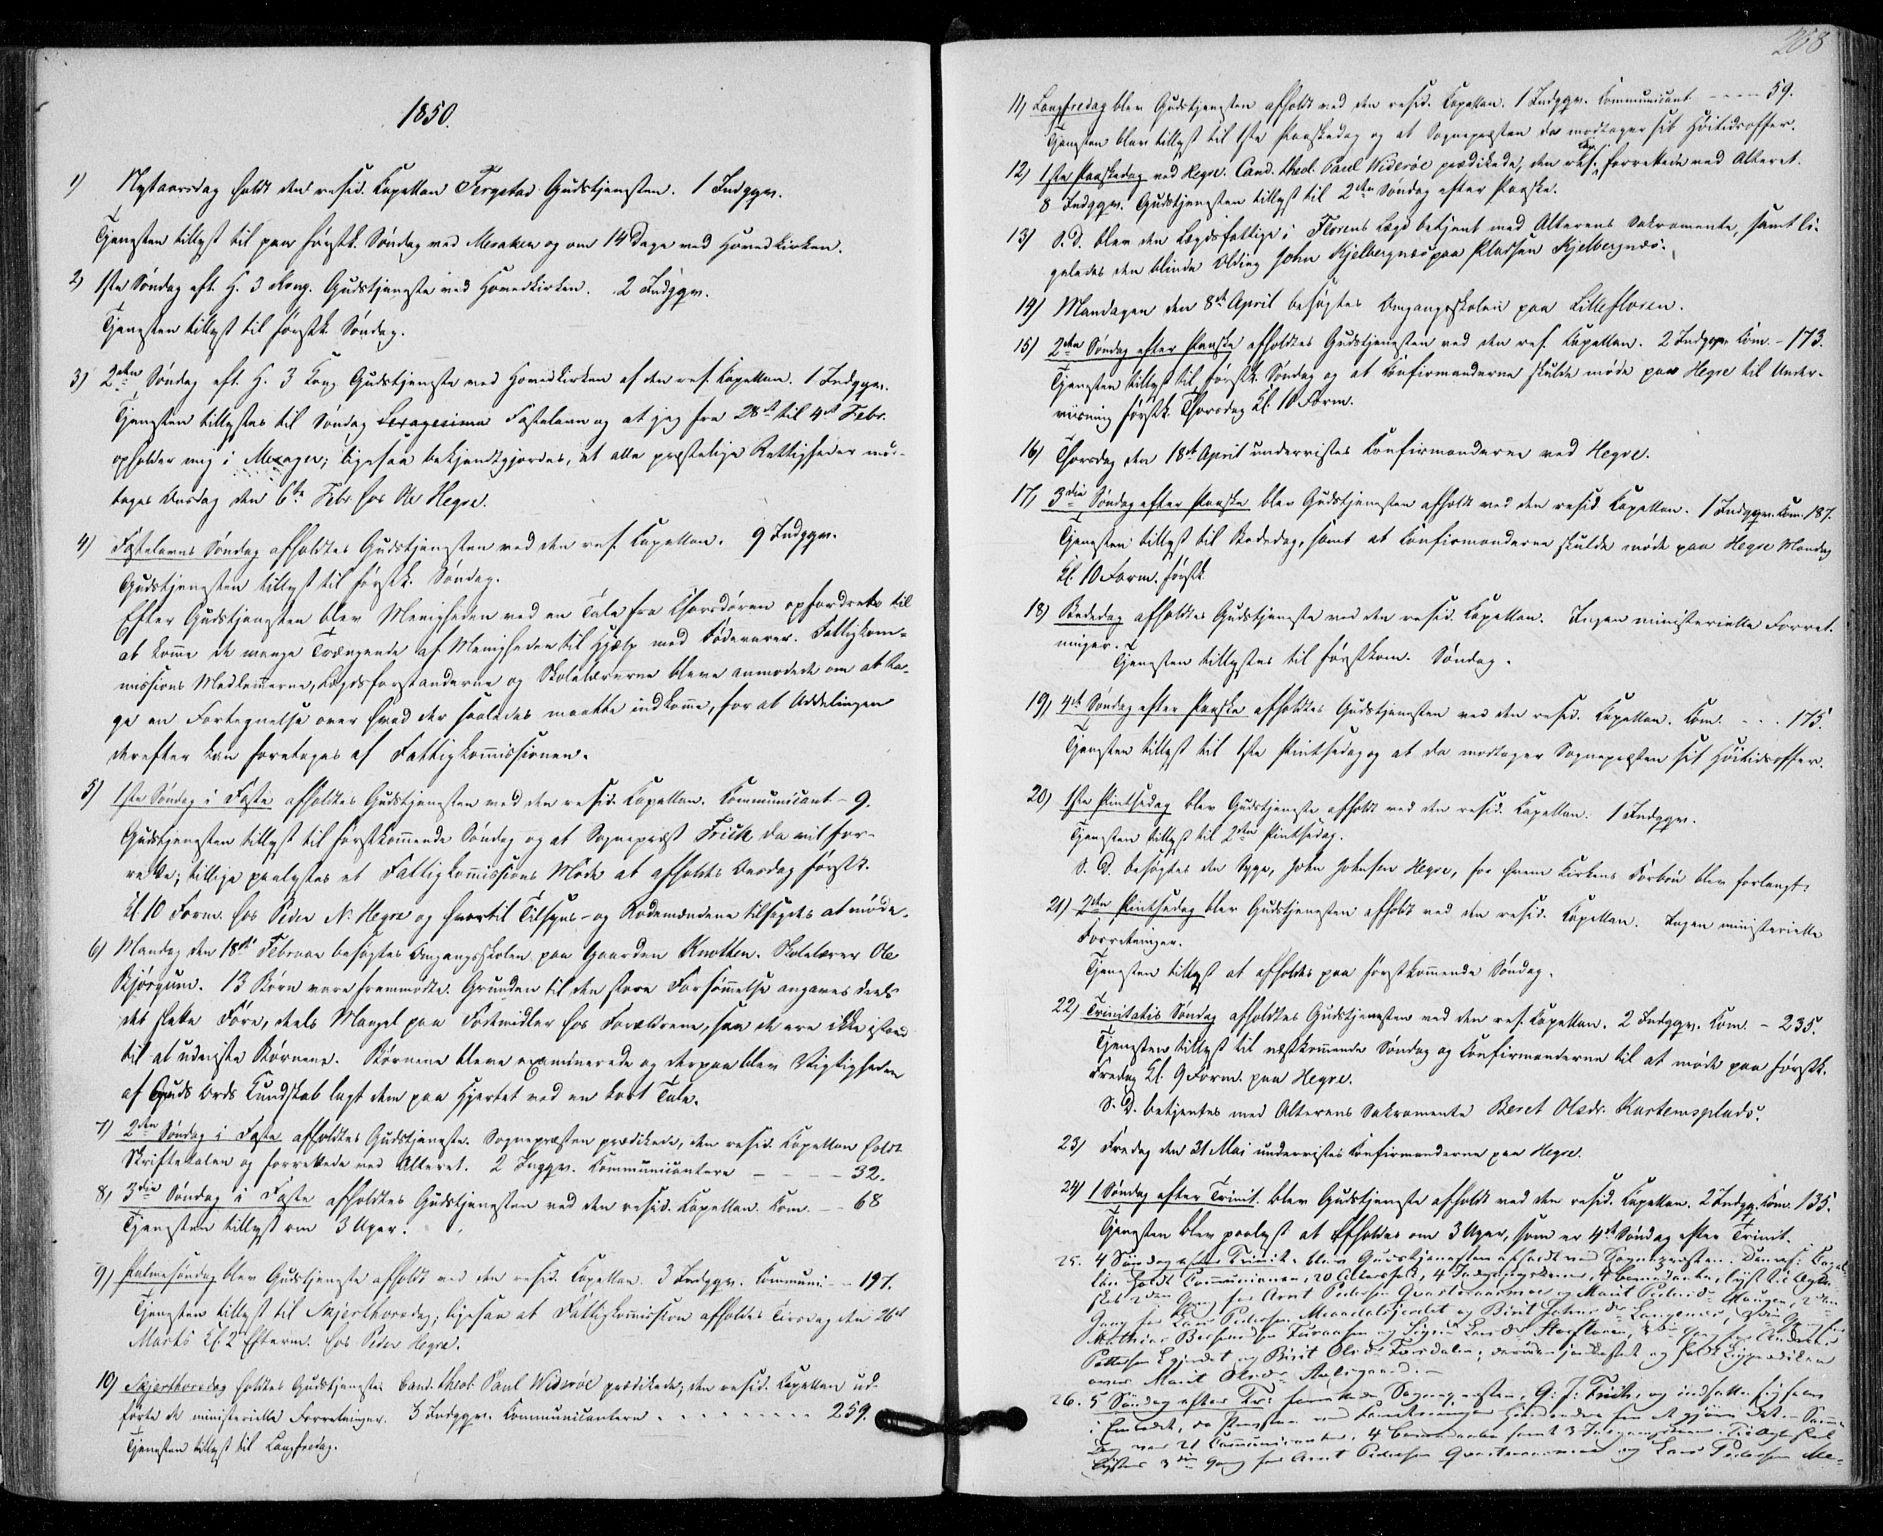 SAT, Ministerialprotokoller, klokkerbøker og fødselsregistre - Nord-Trøndelag, 703/L0028: Parish register (official) no. 703A01, 1850-1862, p. 208